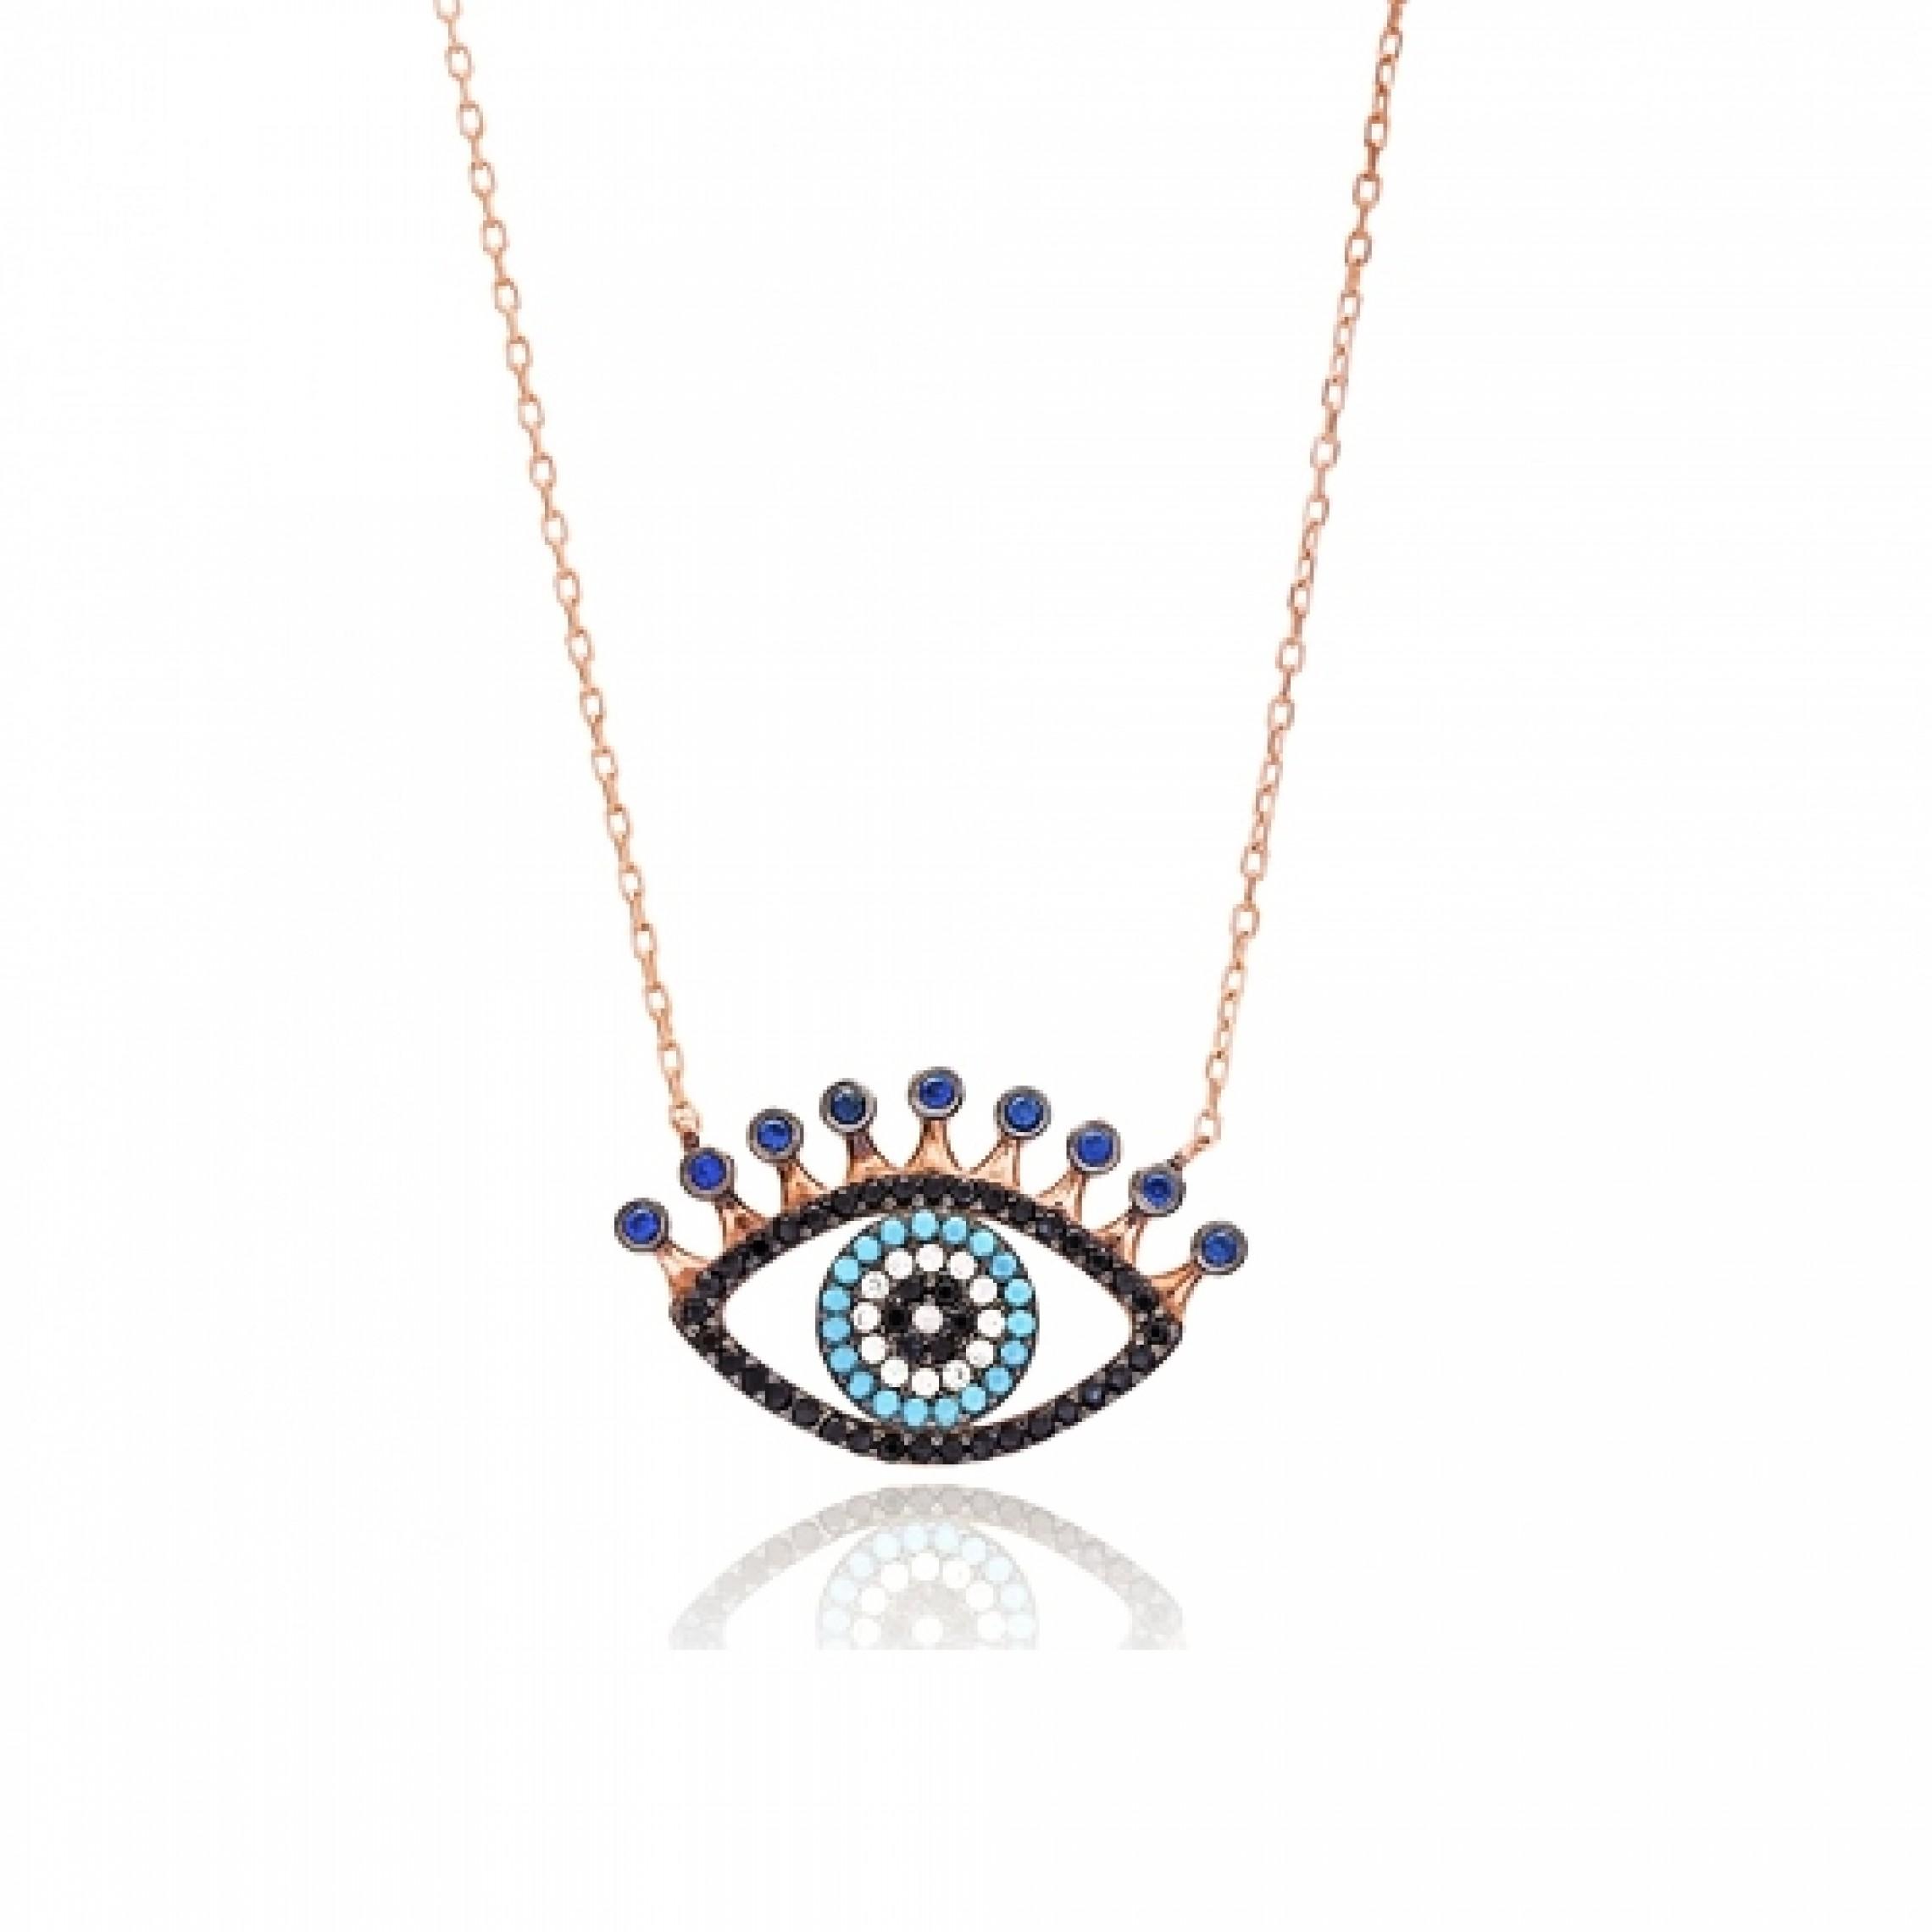 JN-190131 Evil Eye 925 Sterling Silver CZ Necklace Evil Eyes